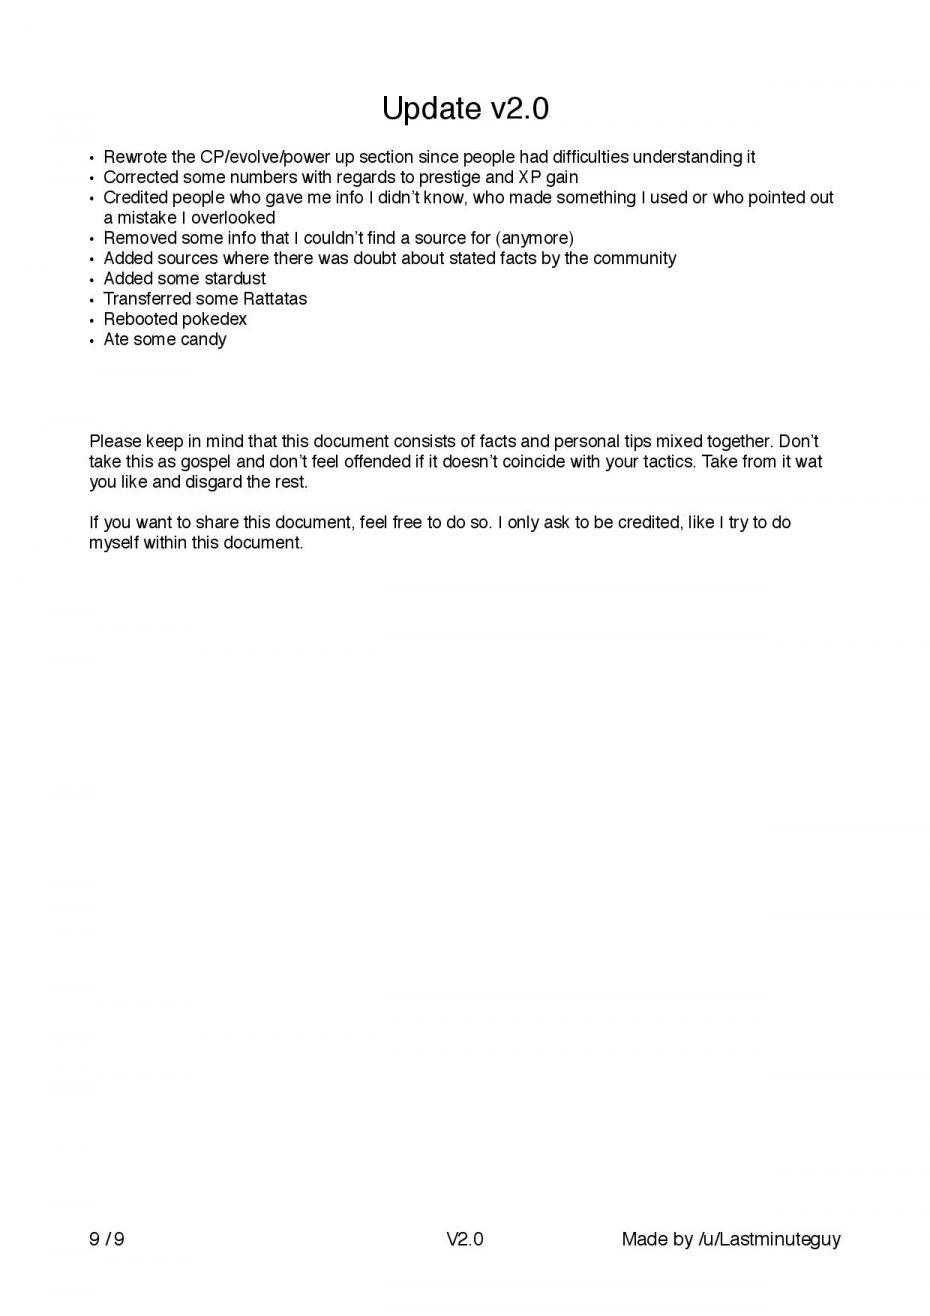 PoGo beginners guide EN v2.0-page-009